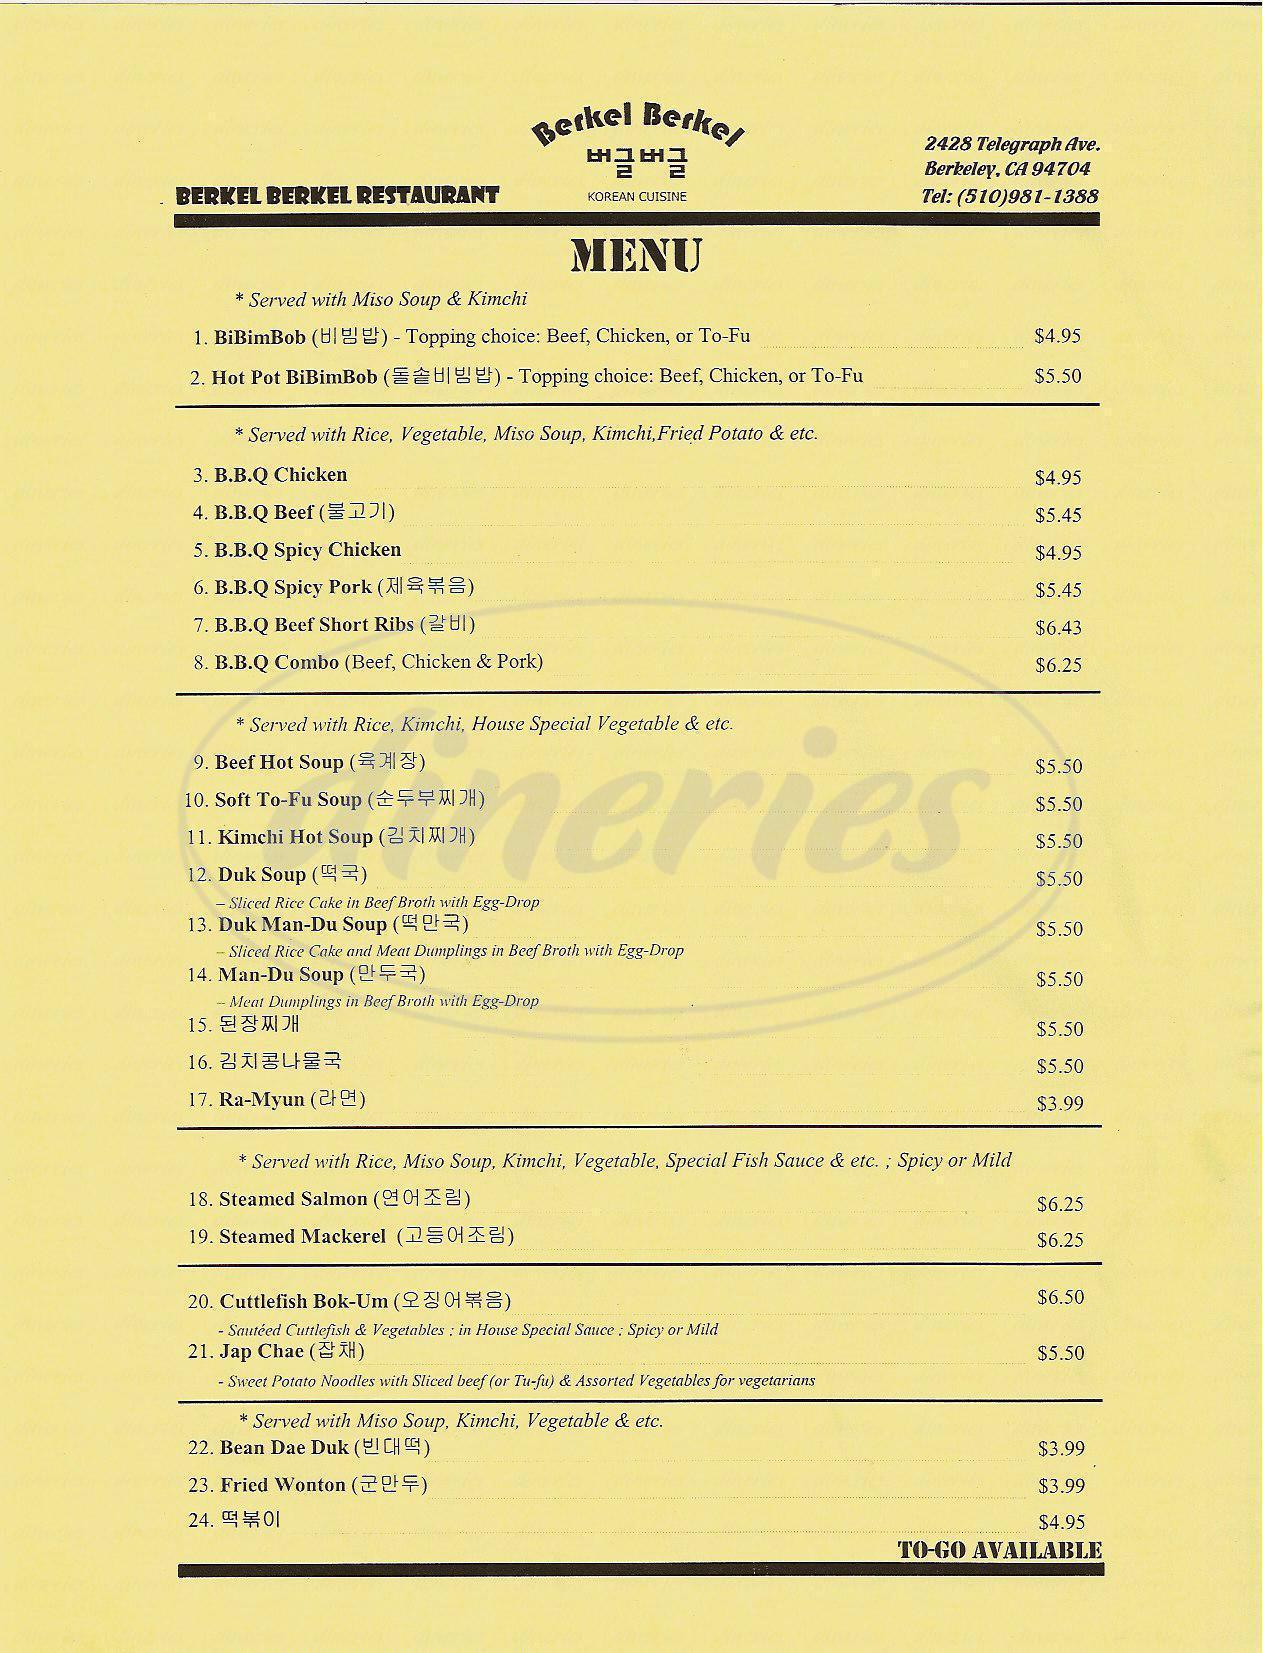 menu for Berkel Berkel